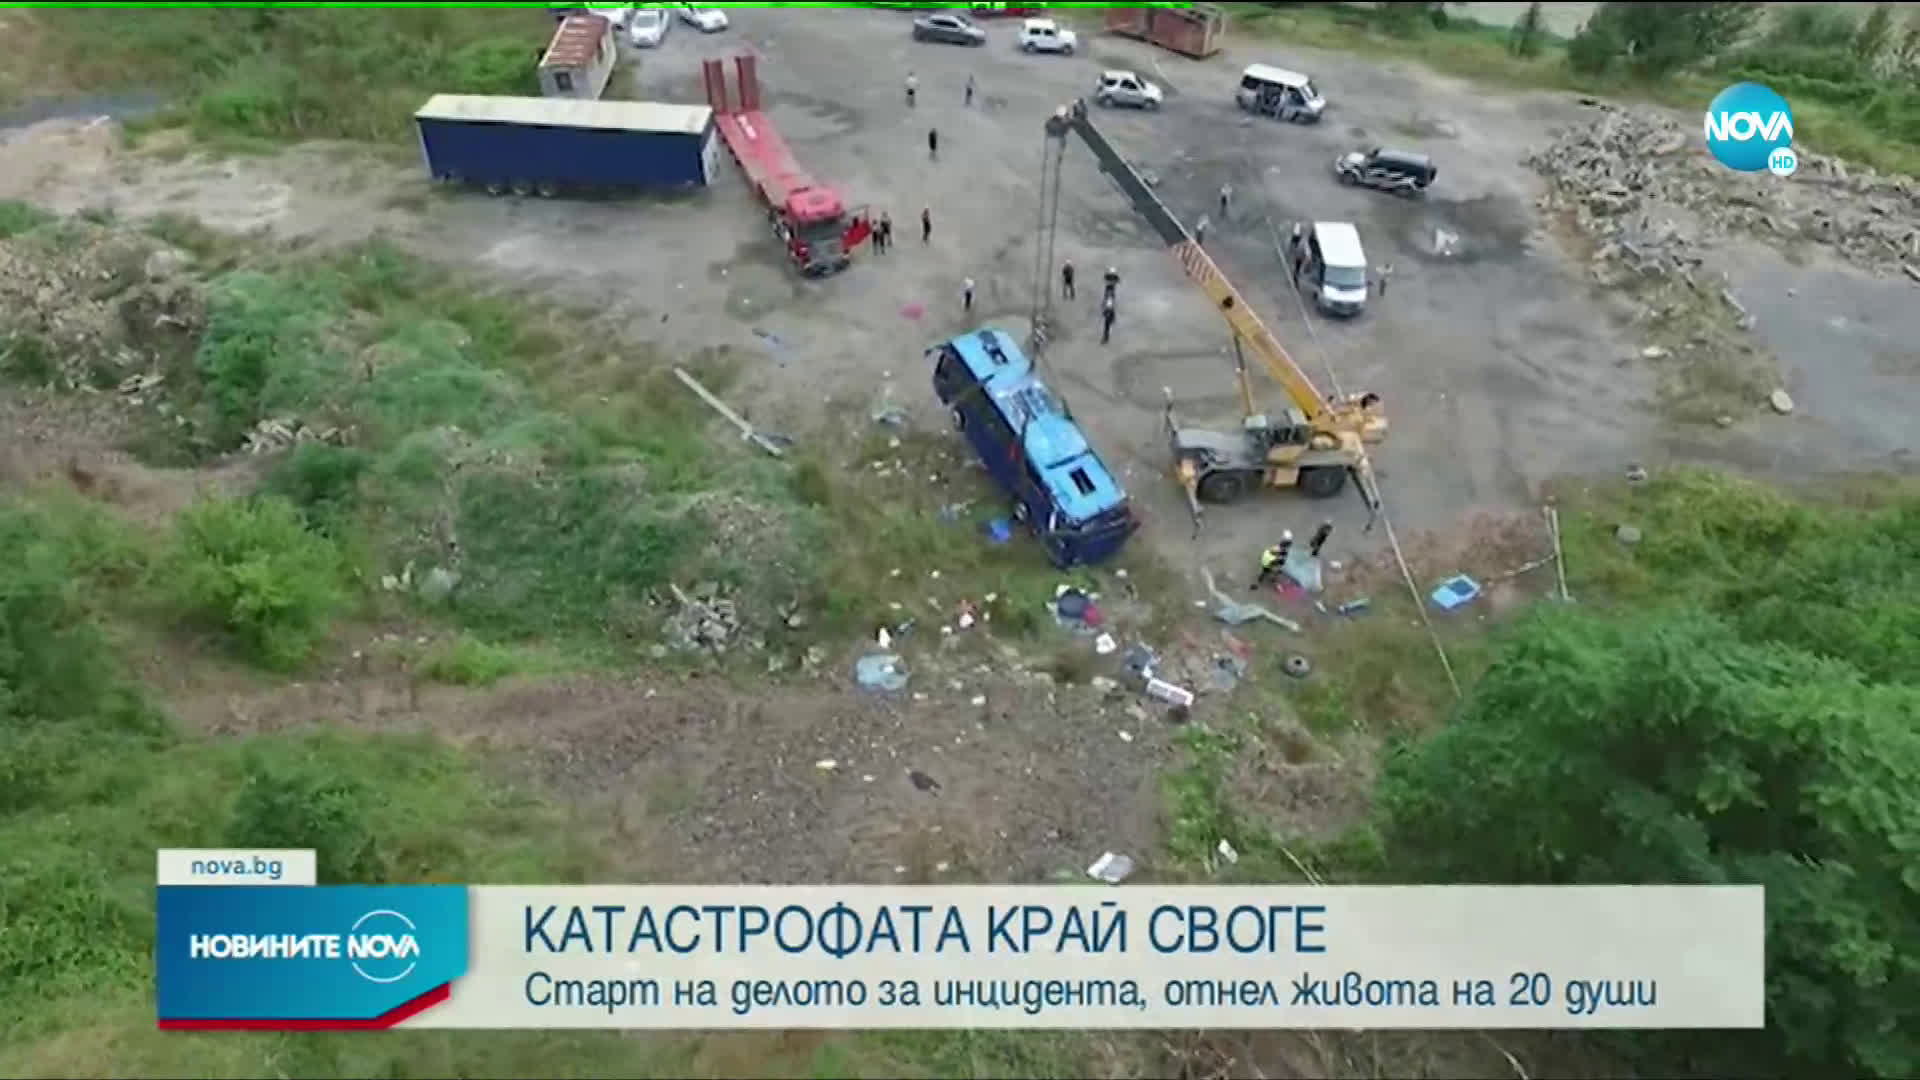 Започна делото за катастрофата край Своге